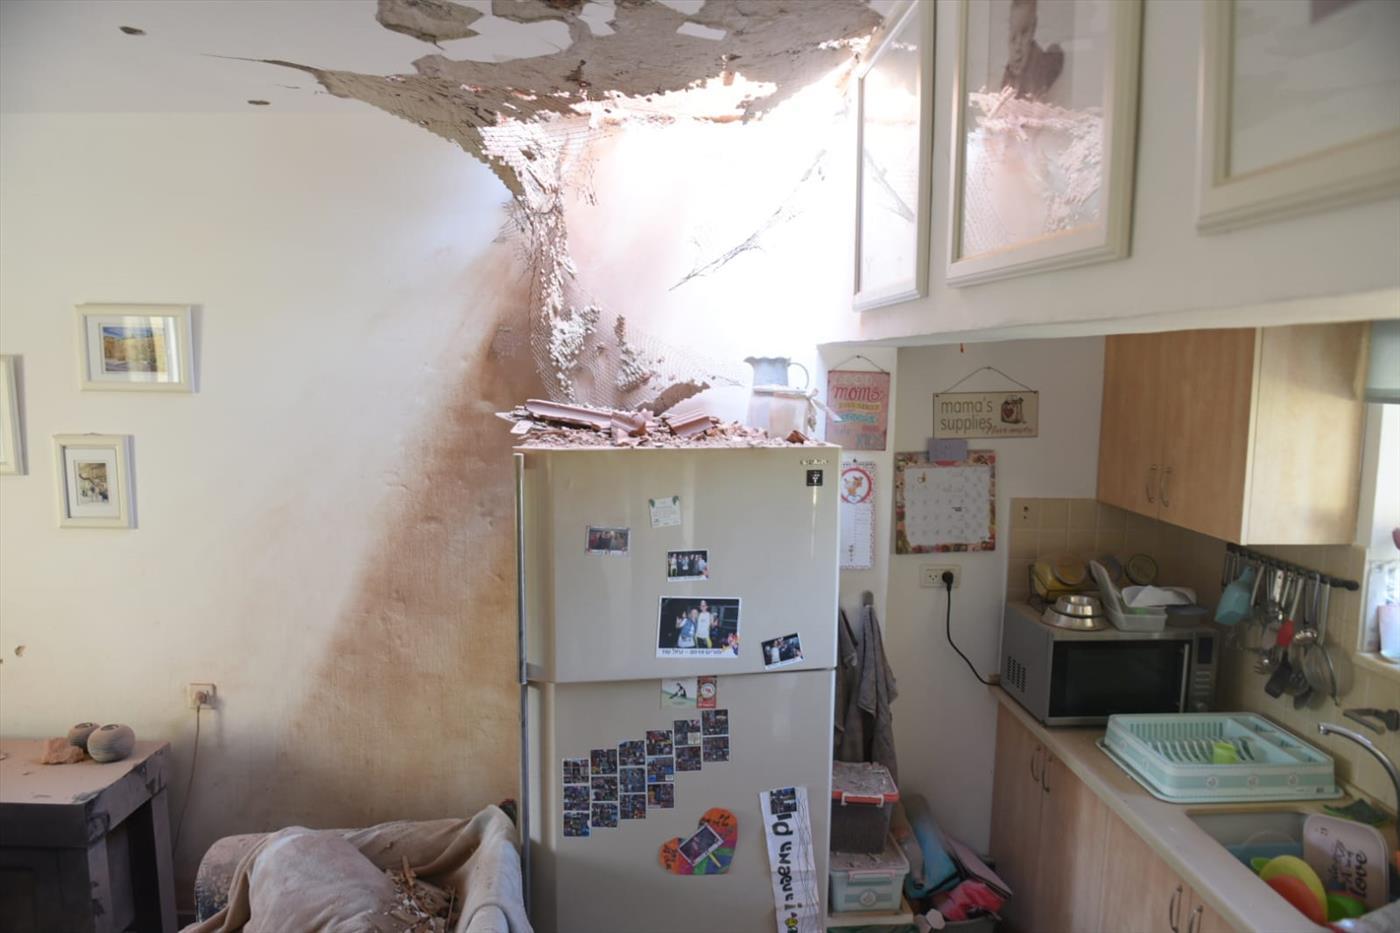 בית בעוטף עזה שנפגע מרקטה (צילום: קובי ריכטר TPS)